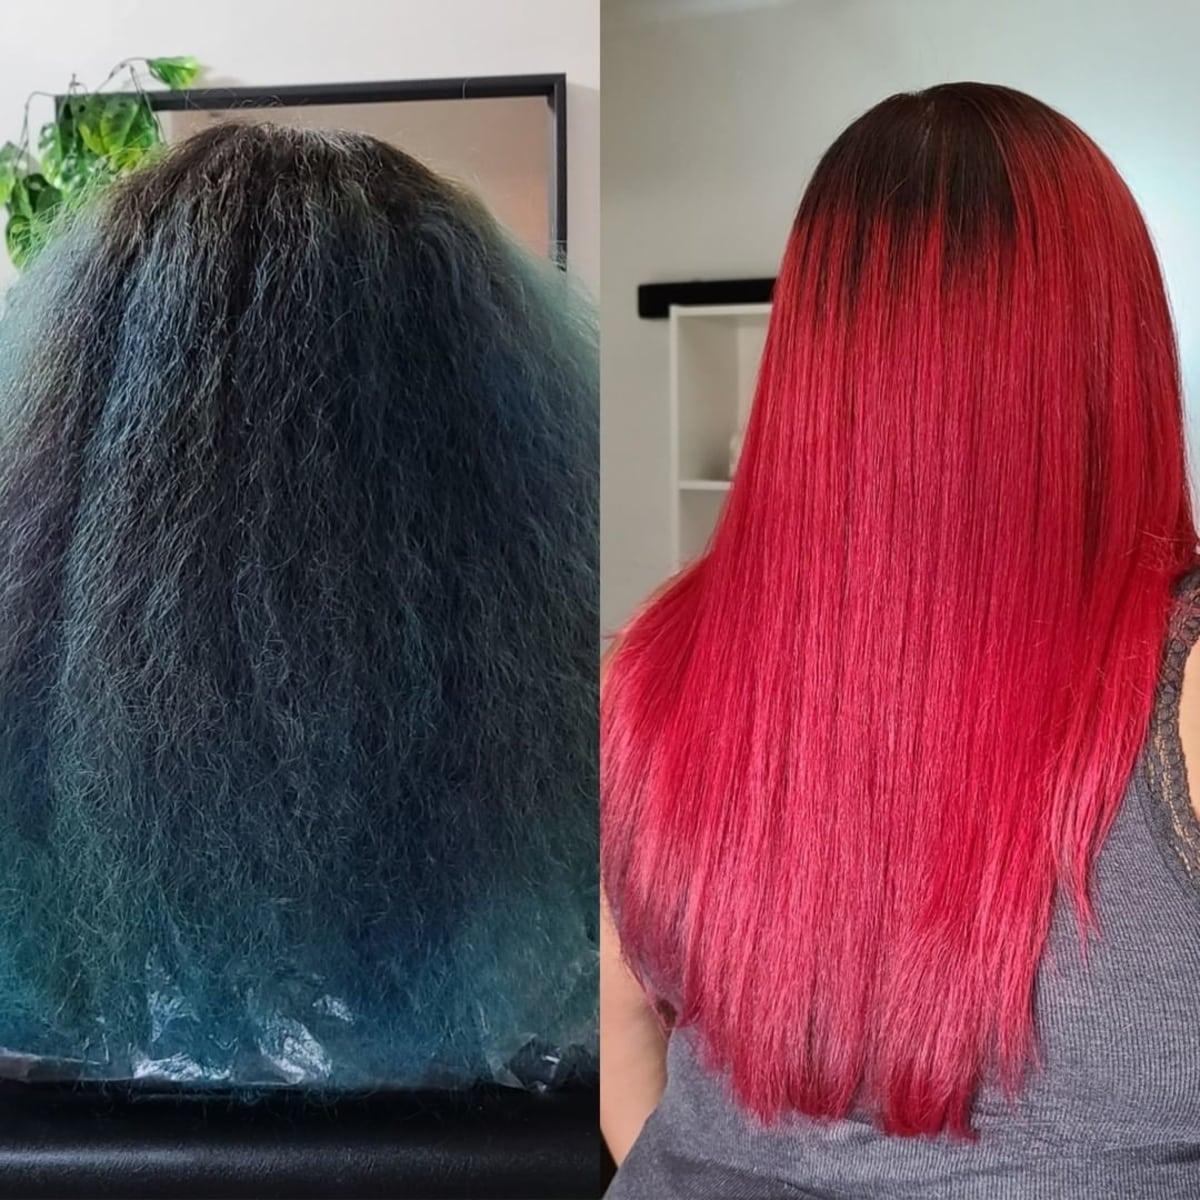 Rouge vif avant et après la transformation des cheveux